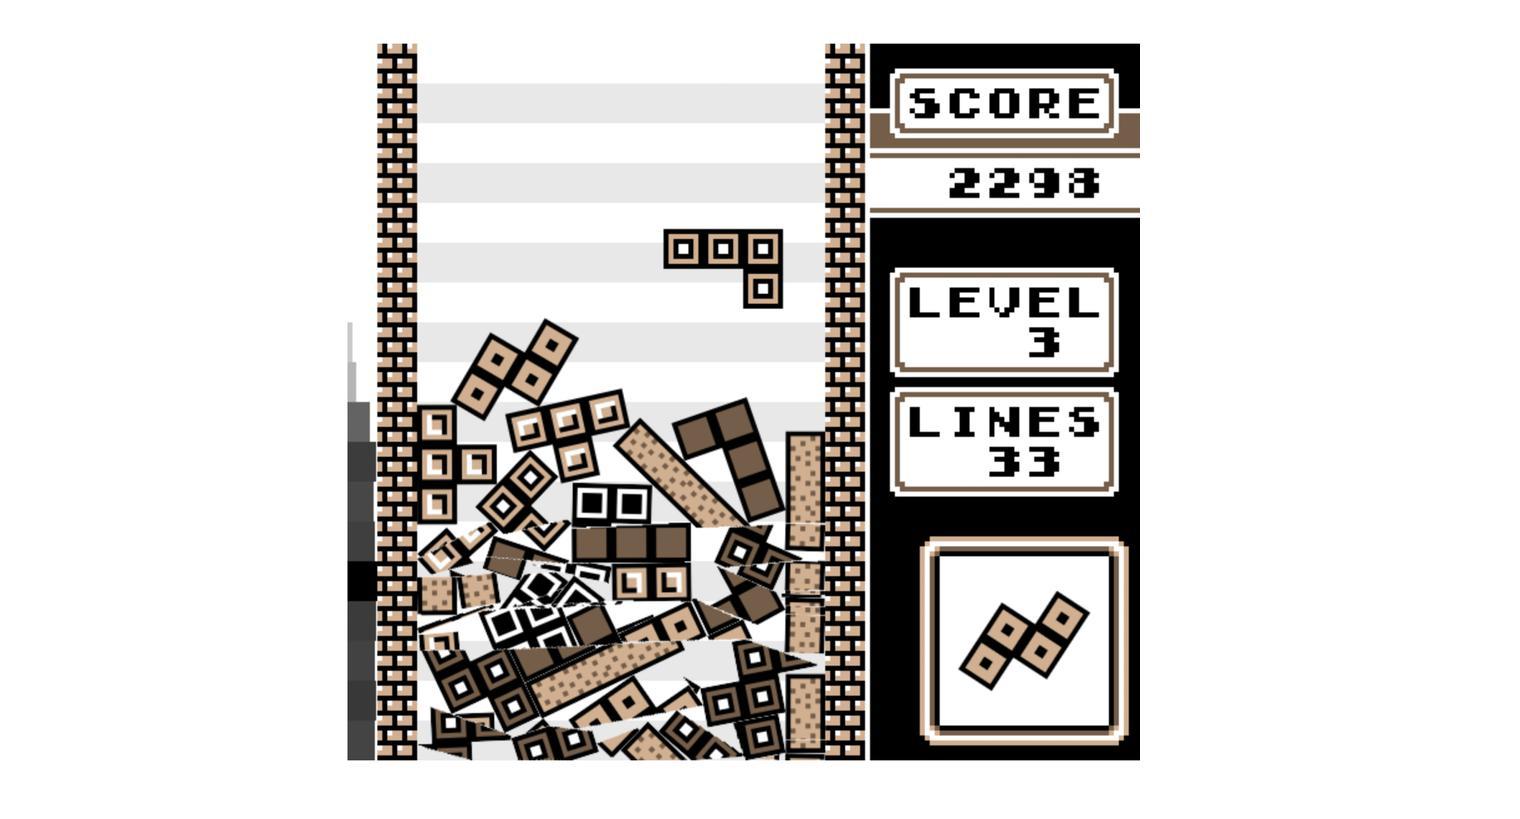 Tetris mixed with physics